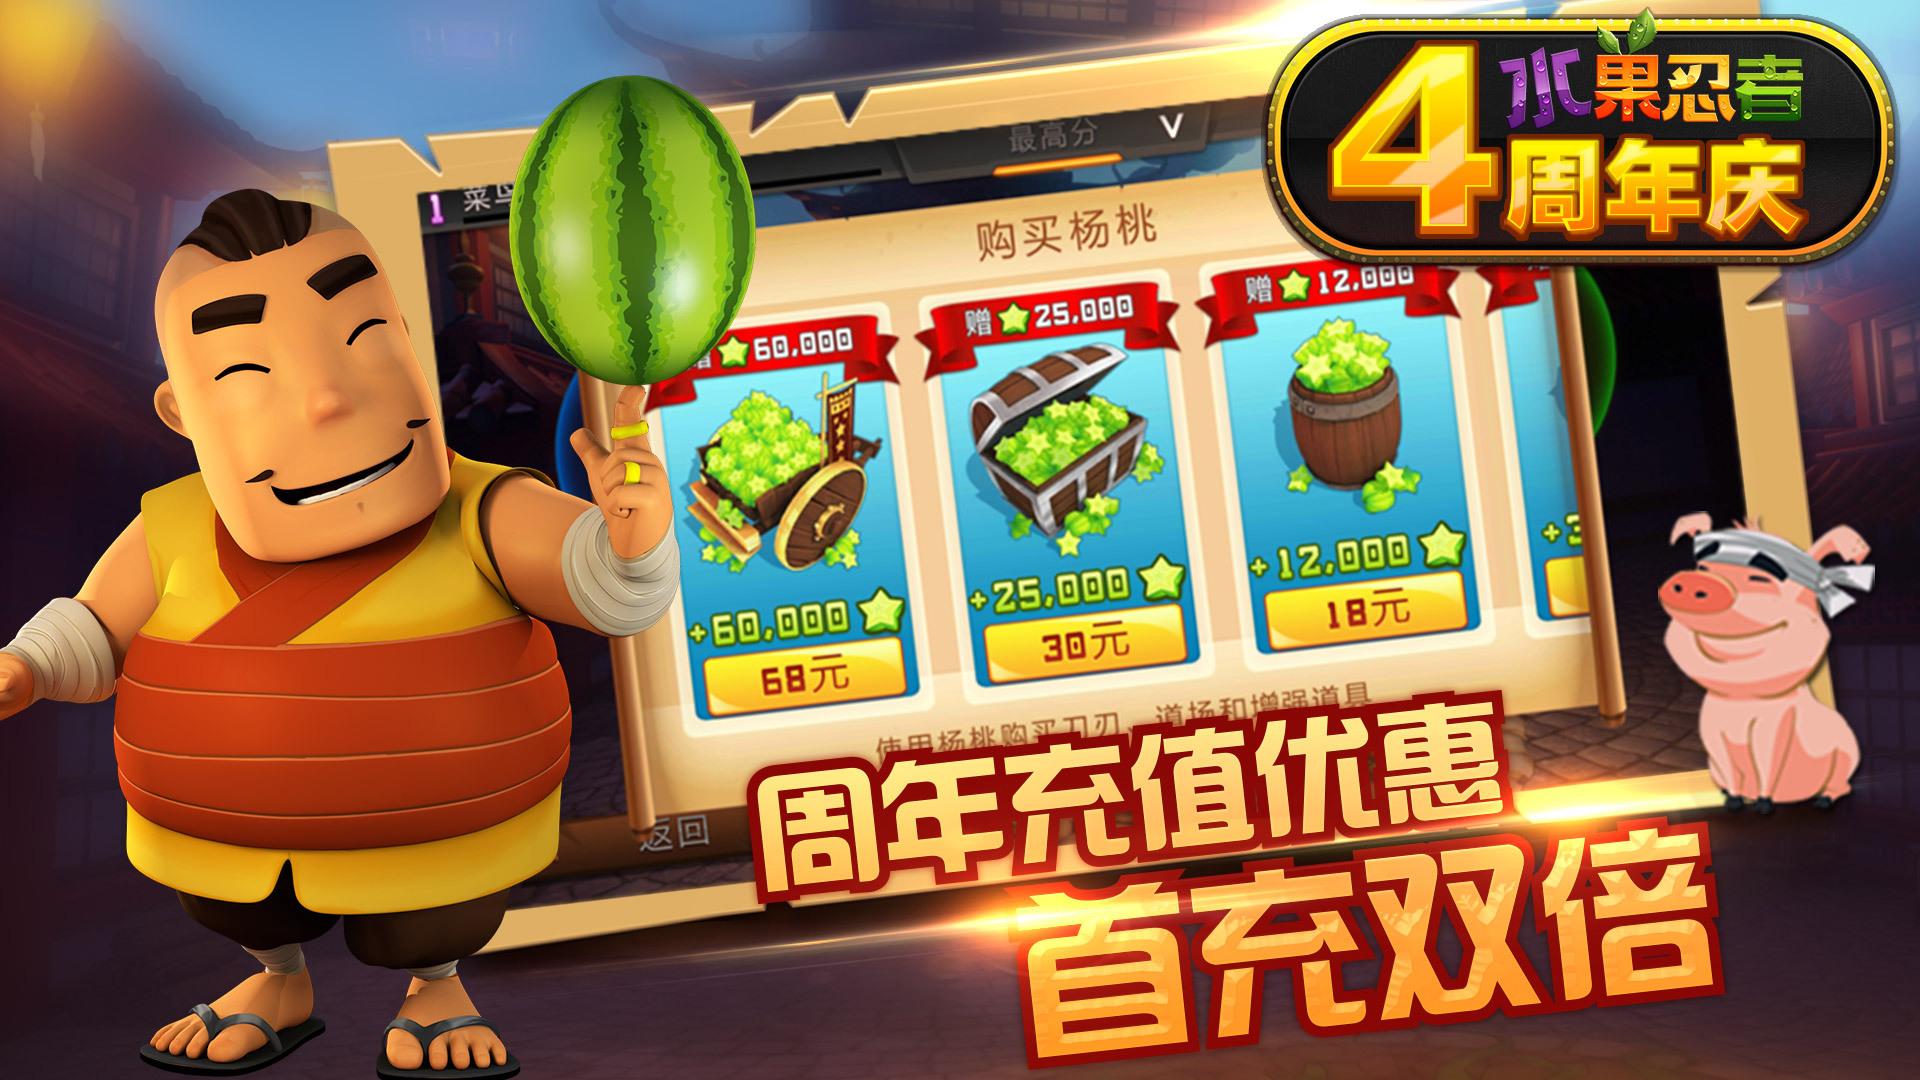 游戏介绍:《水果忍者》是一款简单的休闲游戏,游戏流畅度极高!玩法简单,目的只有一个切水果!屏幕上会不断跳出各种水果西瓜、凤梨、猕猴桃、草莓、香蕉、石榴、苹果等,要在水果掉落之前要快速的全部砍掉哦!但是 千万别砍到炸弹!游戏设置有给力的道具,可以帮助您得到意想不到的分数哦!游戏提供多把酷炫刀刃供玩家选择,让您获得更刺激的视觉感受,还在等什么!快来一起切水果吧!